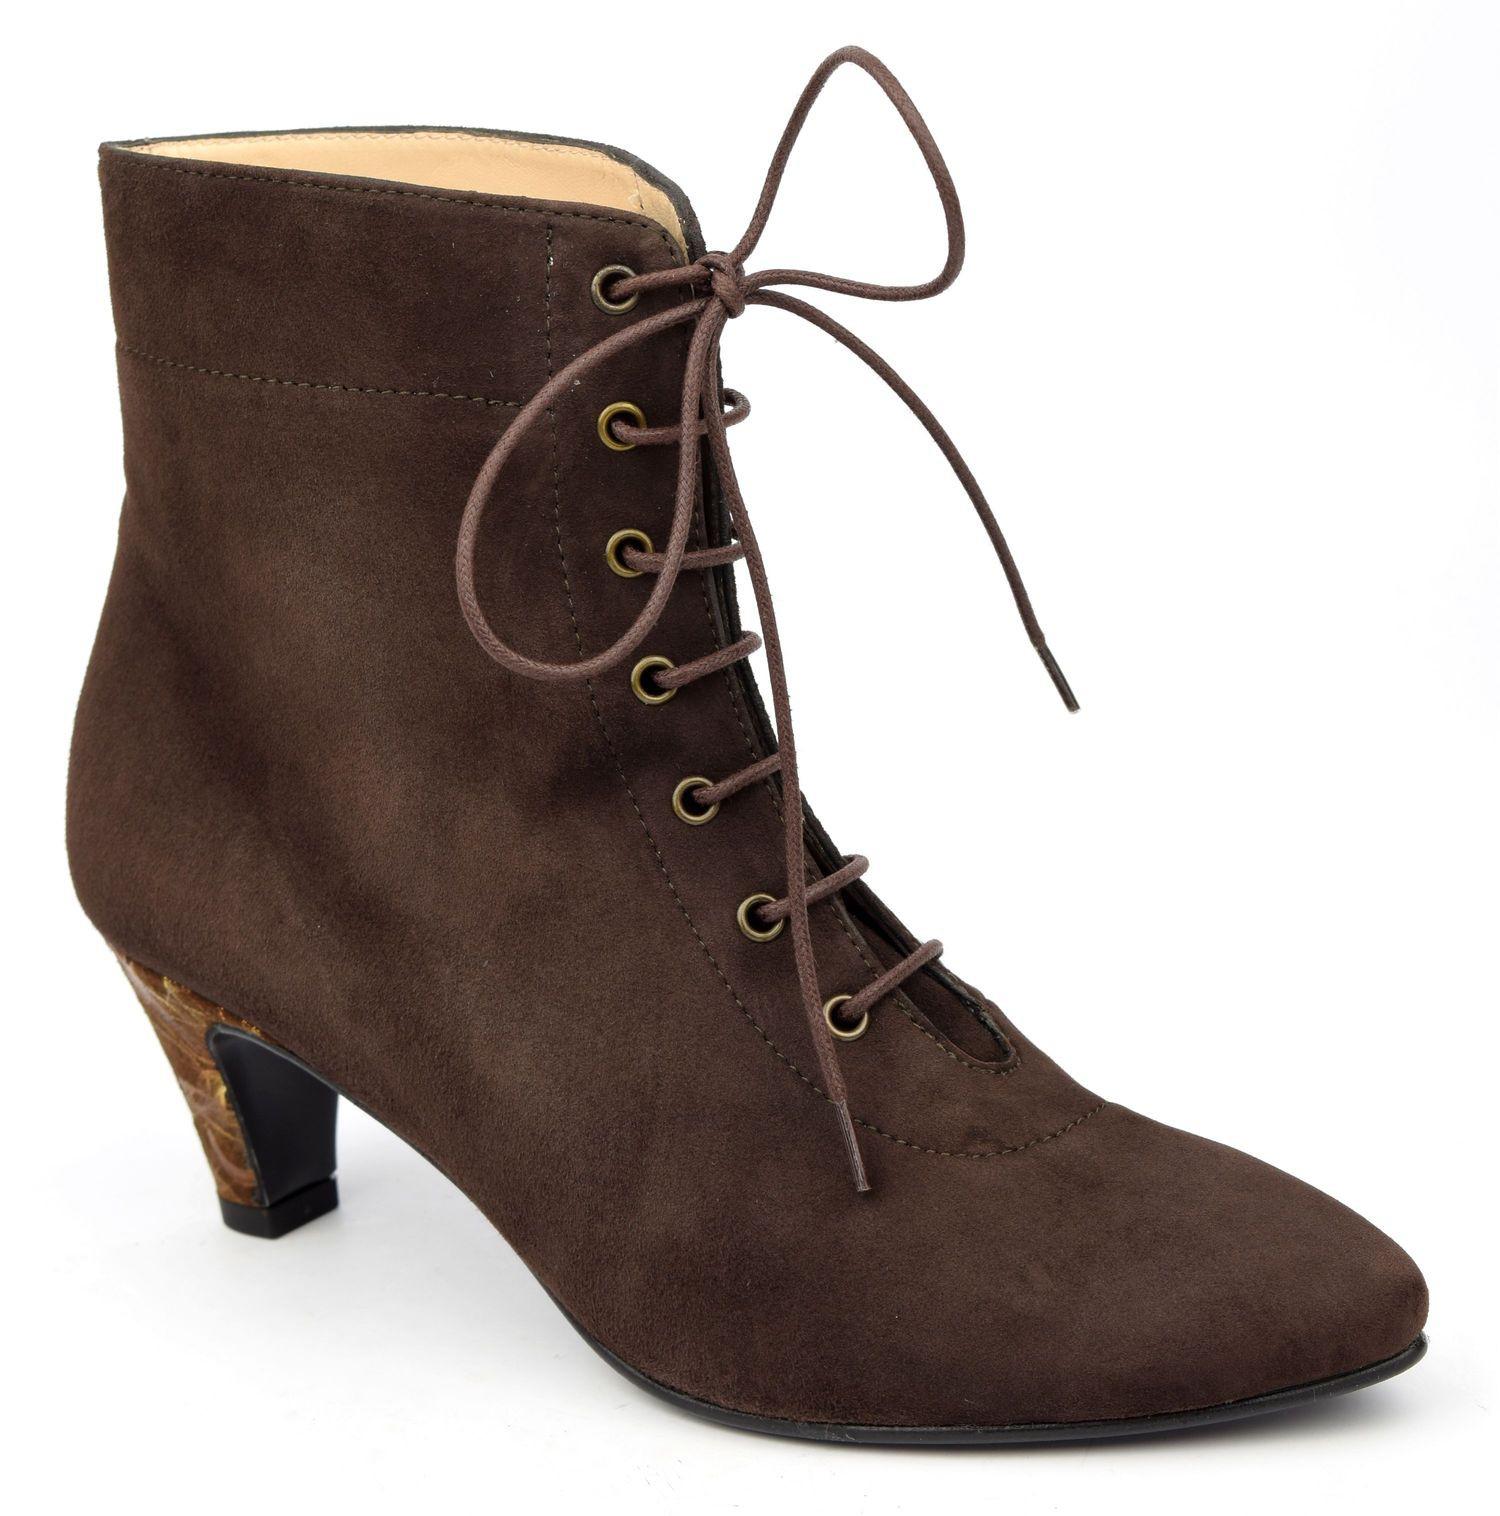 bottines, lacets, cuir daim, marrons, yves de beaumond, femmes